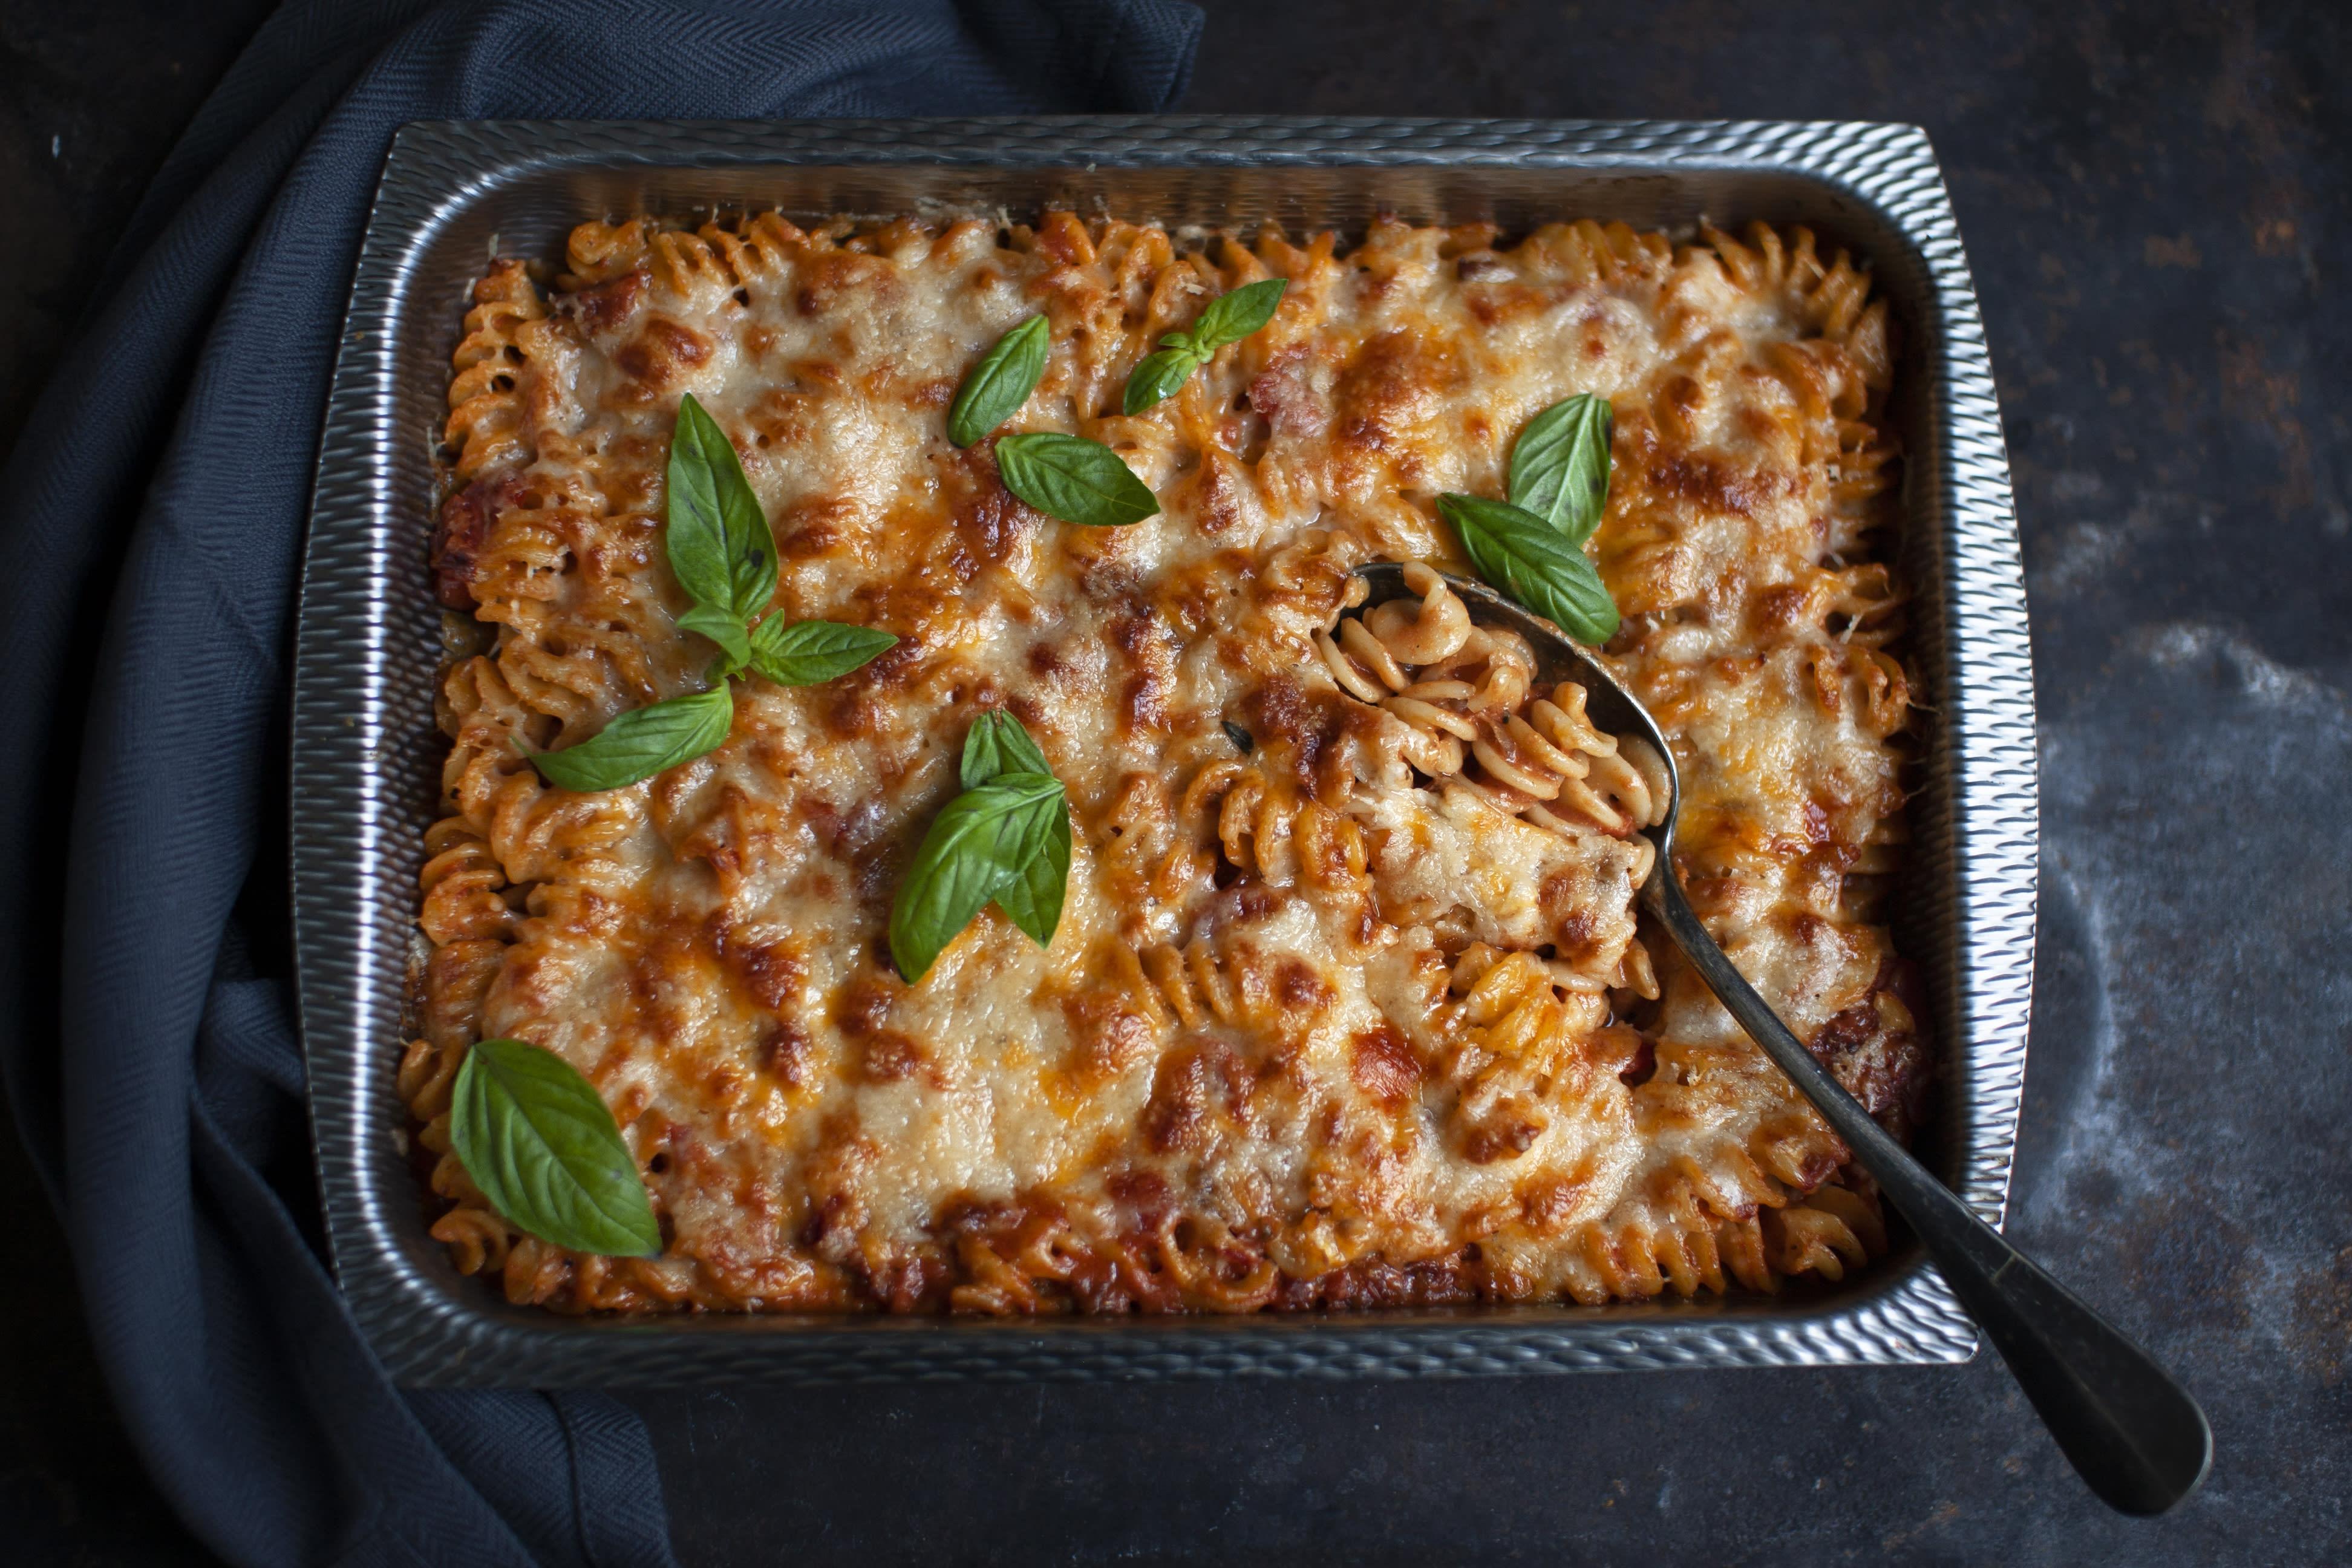 Four Cheese and Tomato Pasta Bake